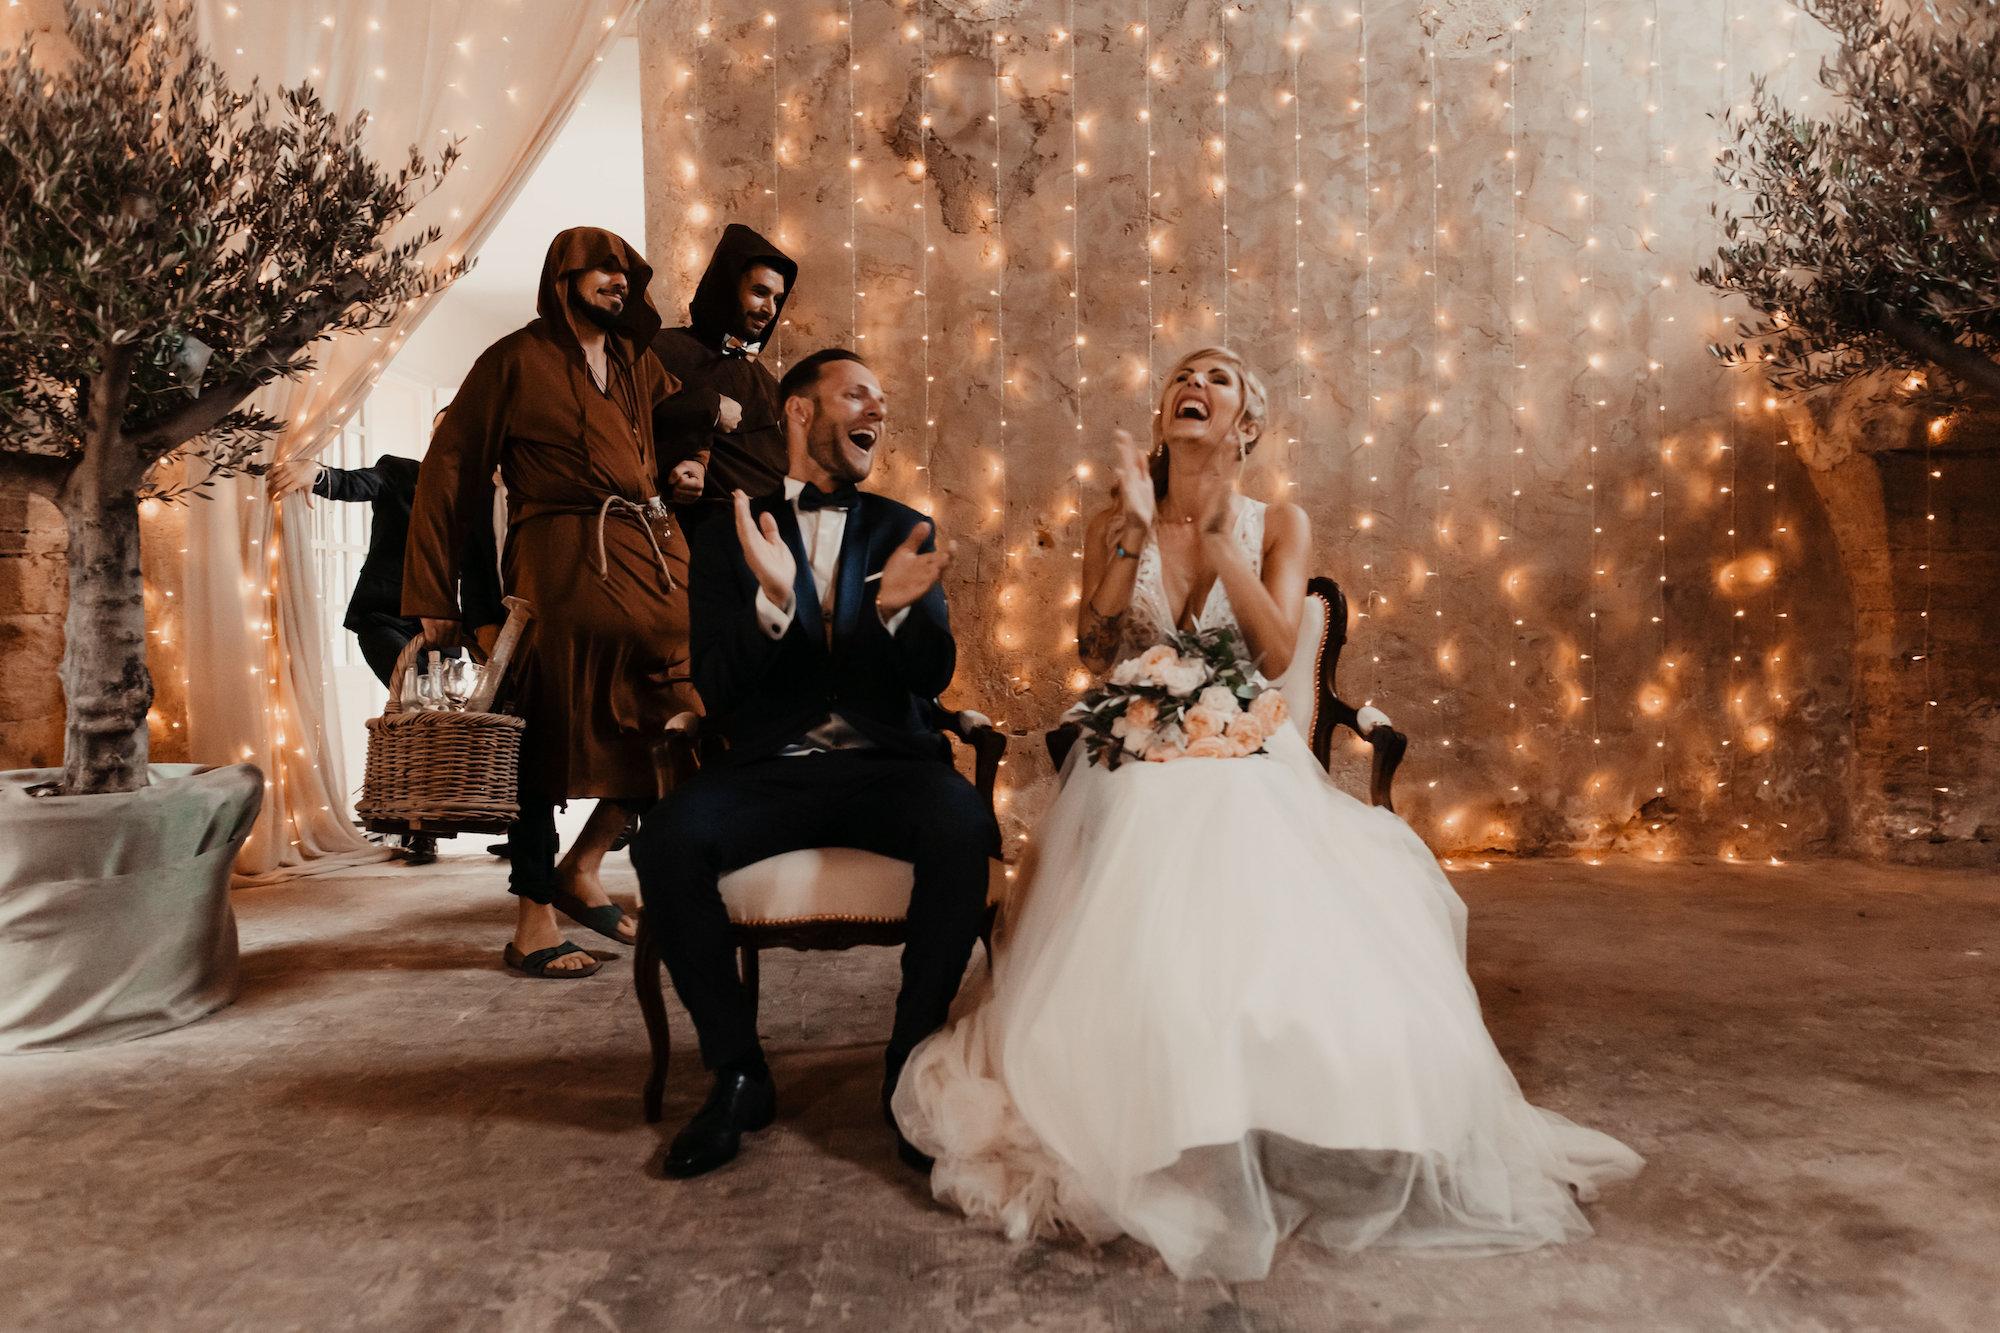 le coeur dans les etoiles - wedding planner - provence - luberon - alpilles - organisation - mariage - wedding - florine jeannot - officiants ceremonie